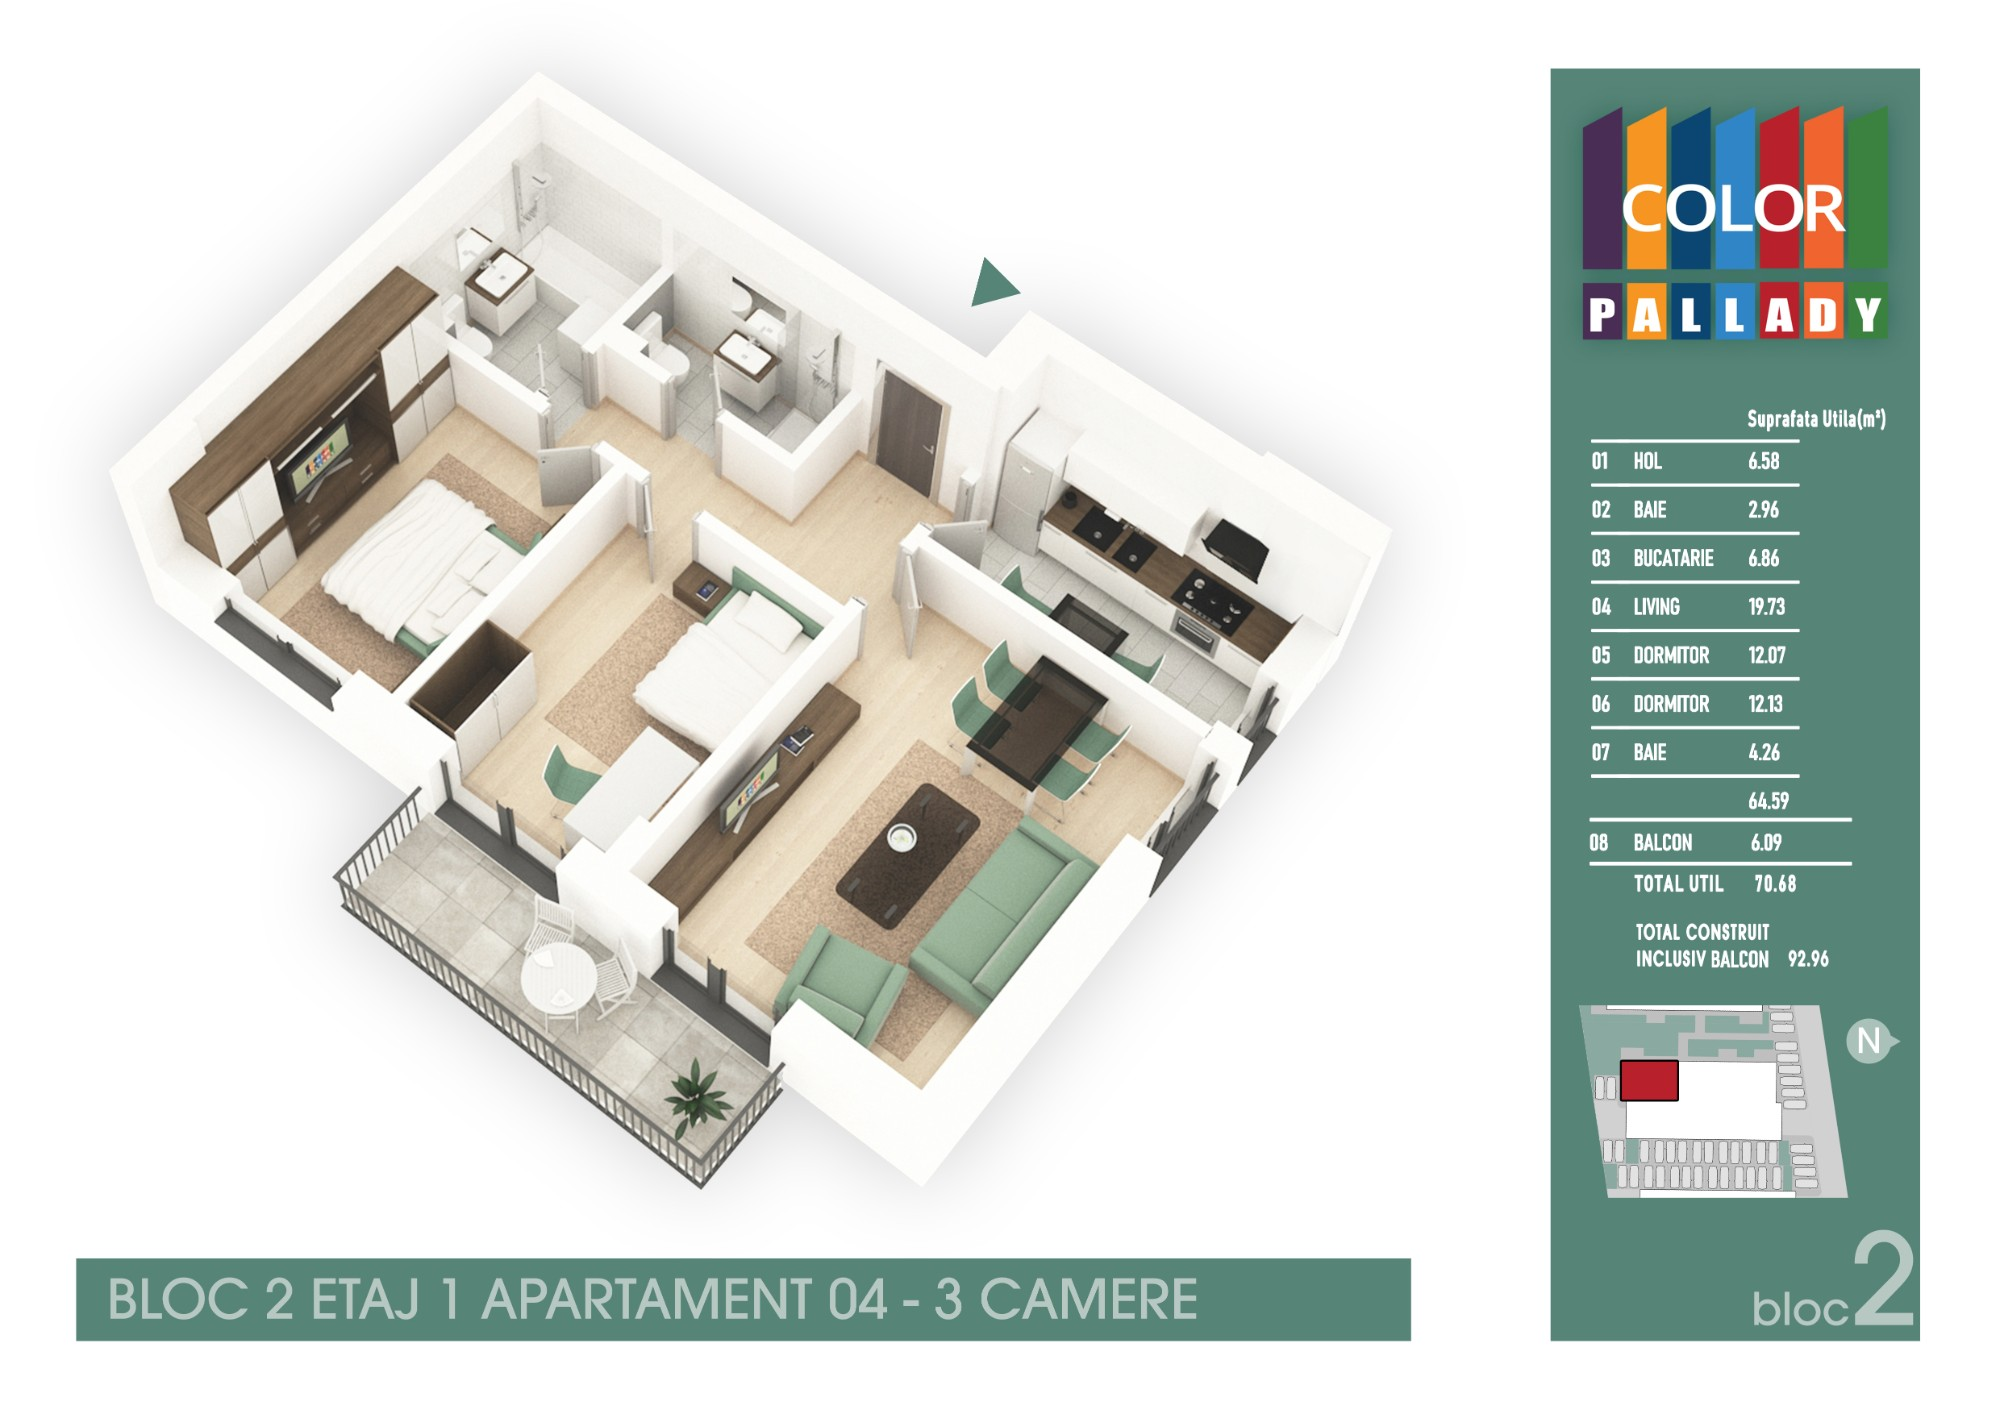 Bloc 2 - Etaj 1 - Apartament 04